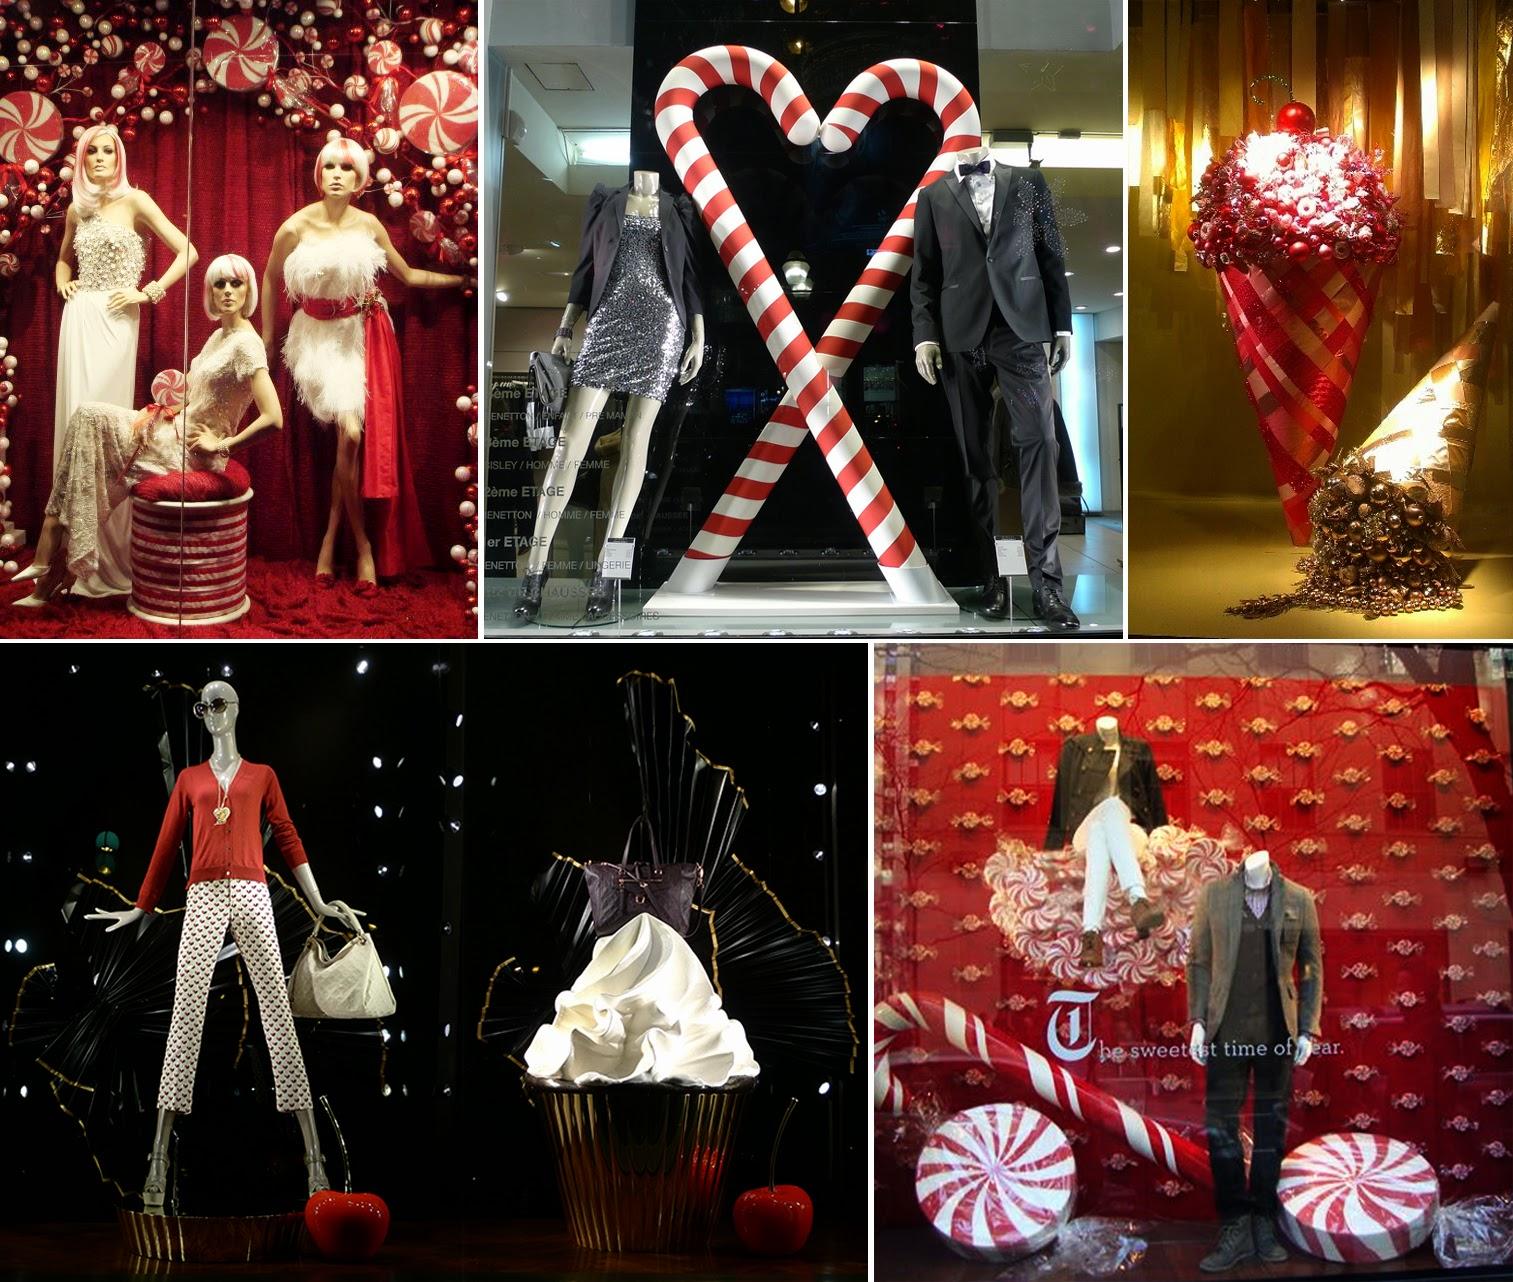 doces em vitrines de lojas de moda